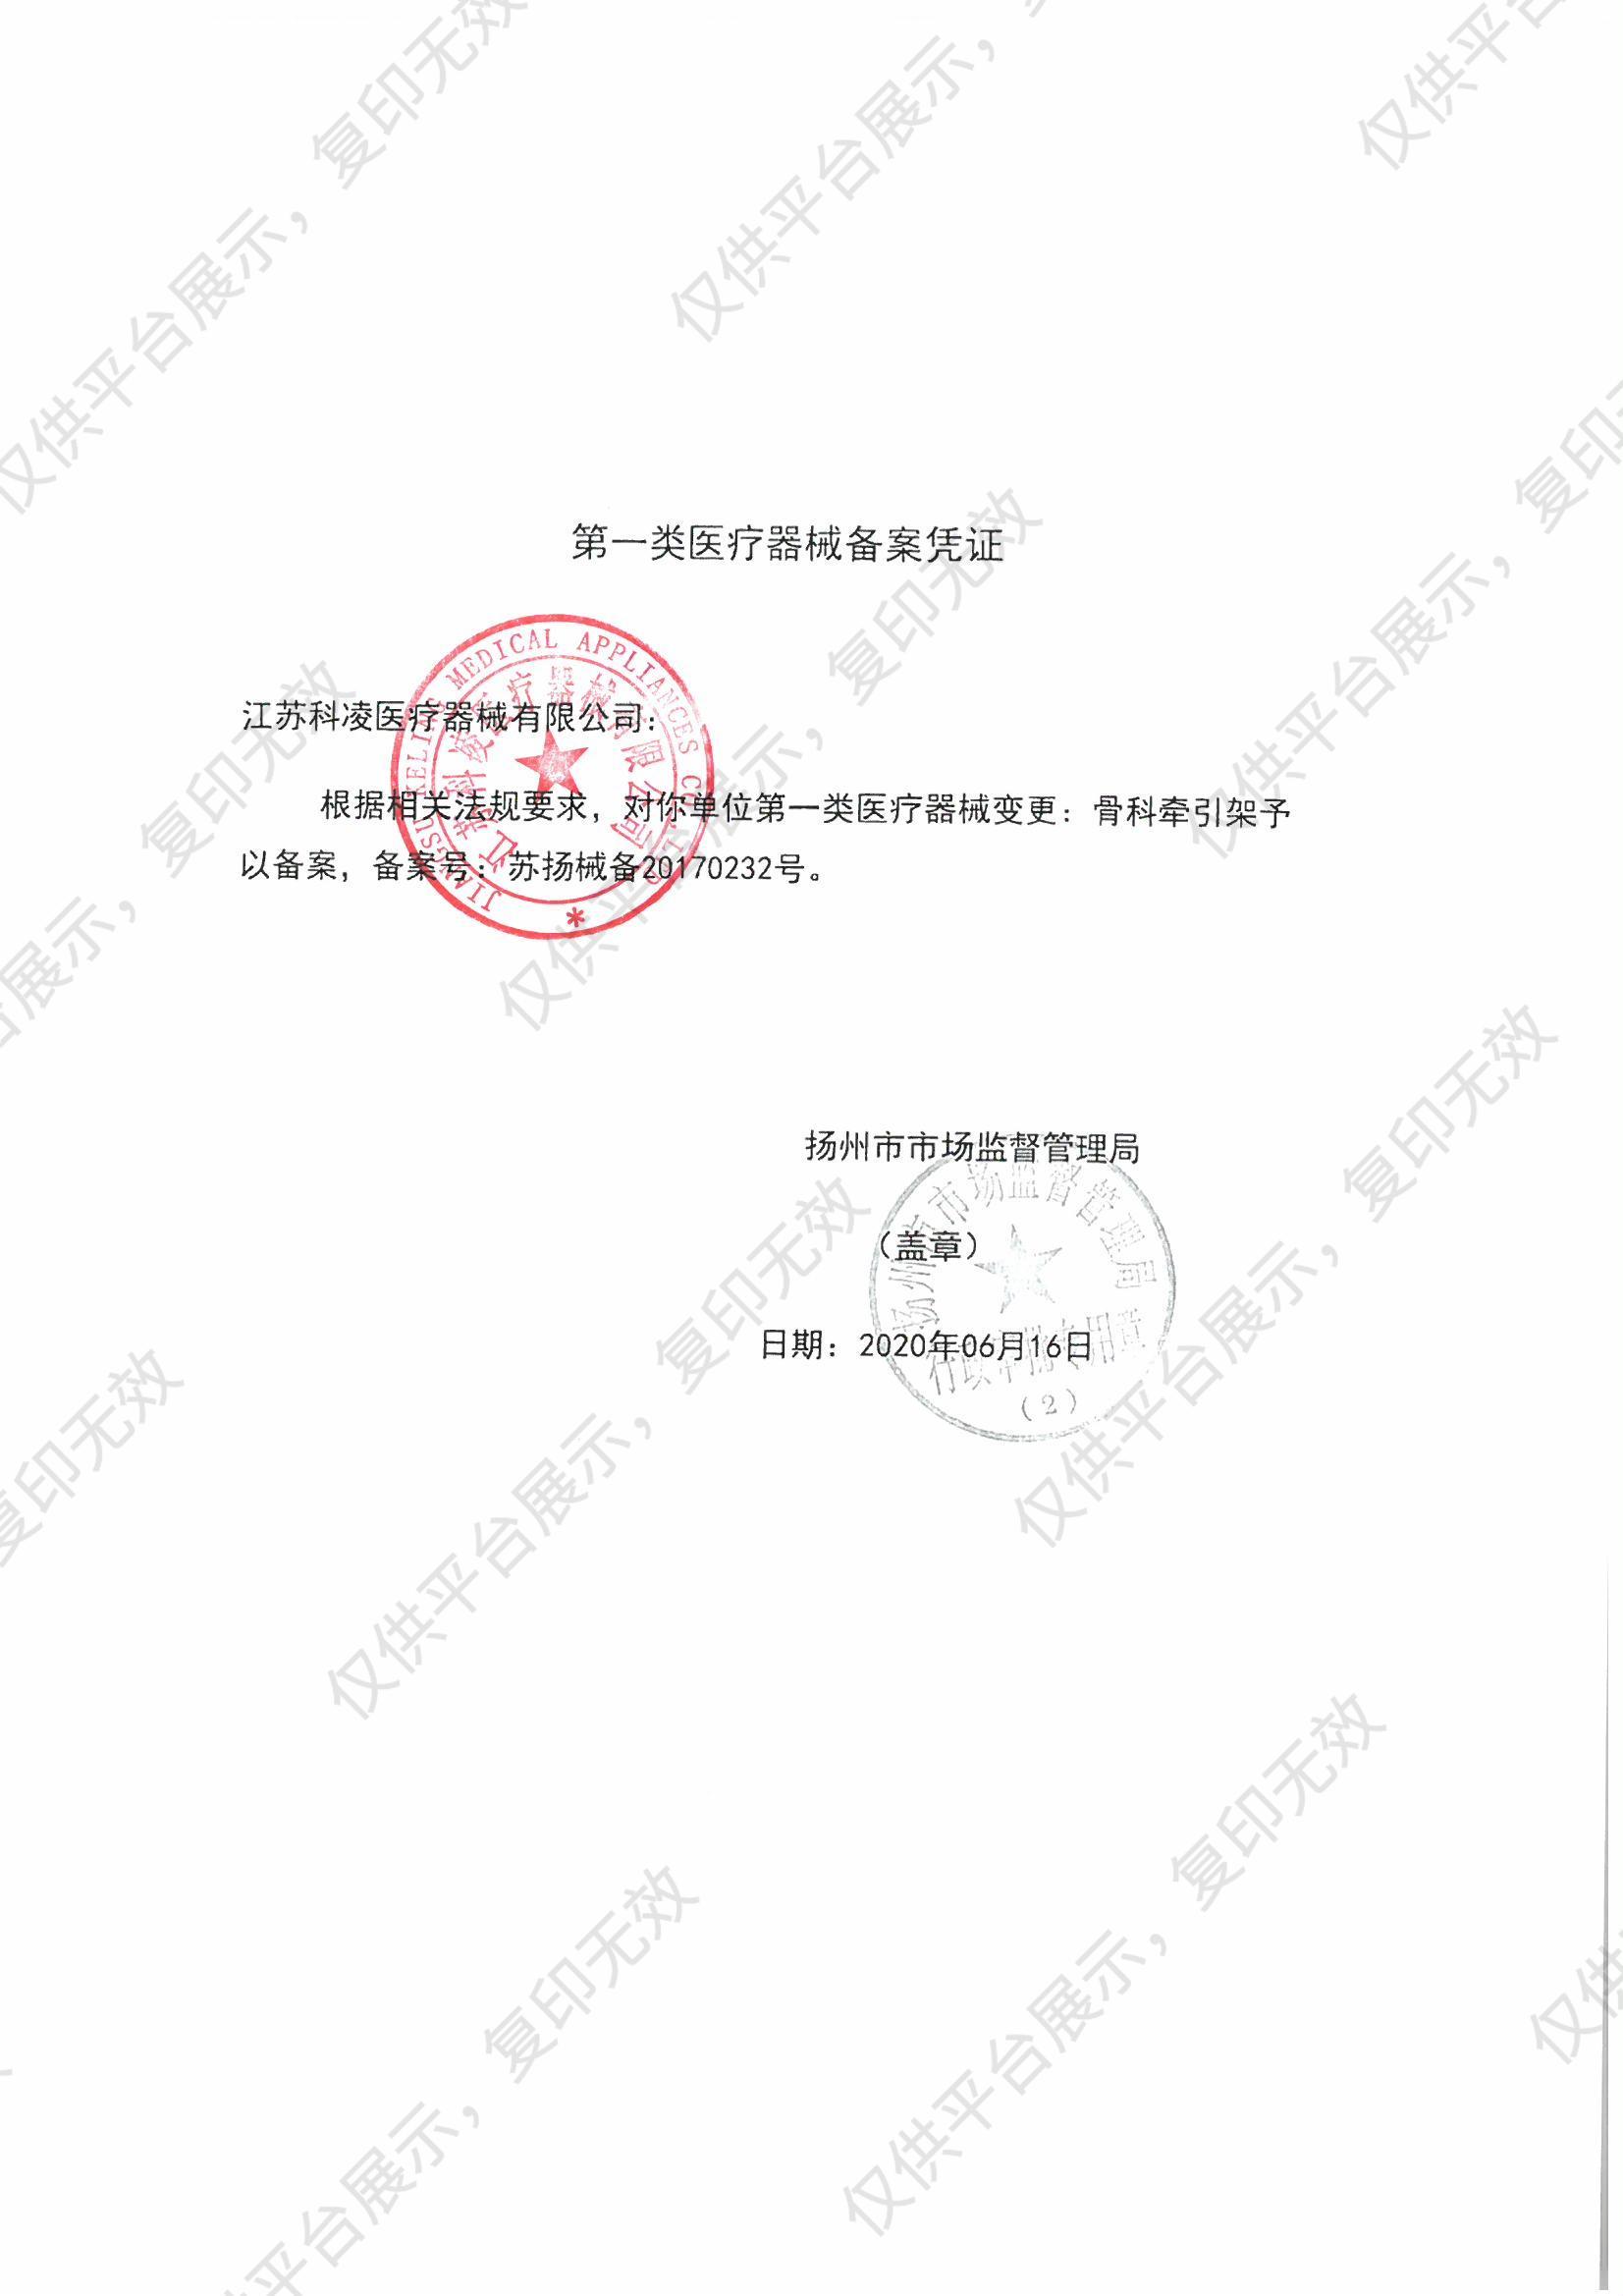 科凌KeLing 骨科下肢牵引架 KL-6B型(悬挂式)注册证